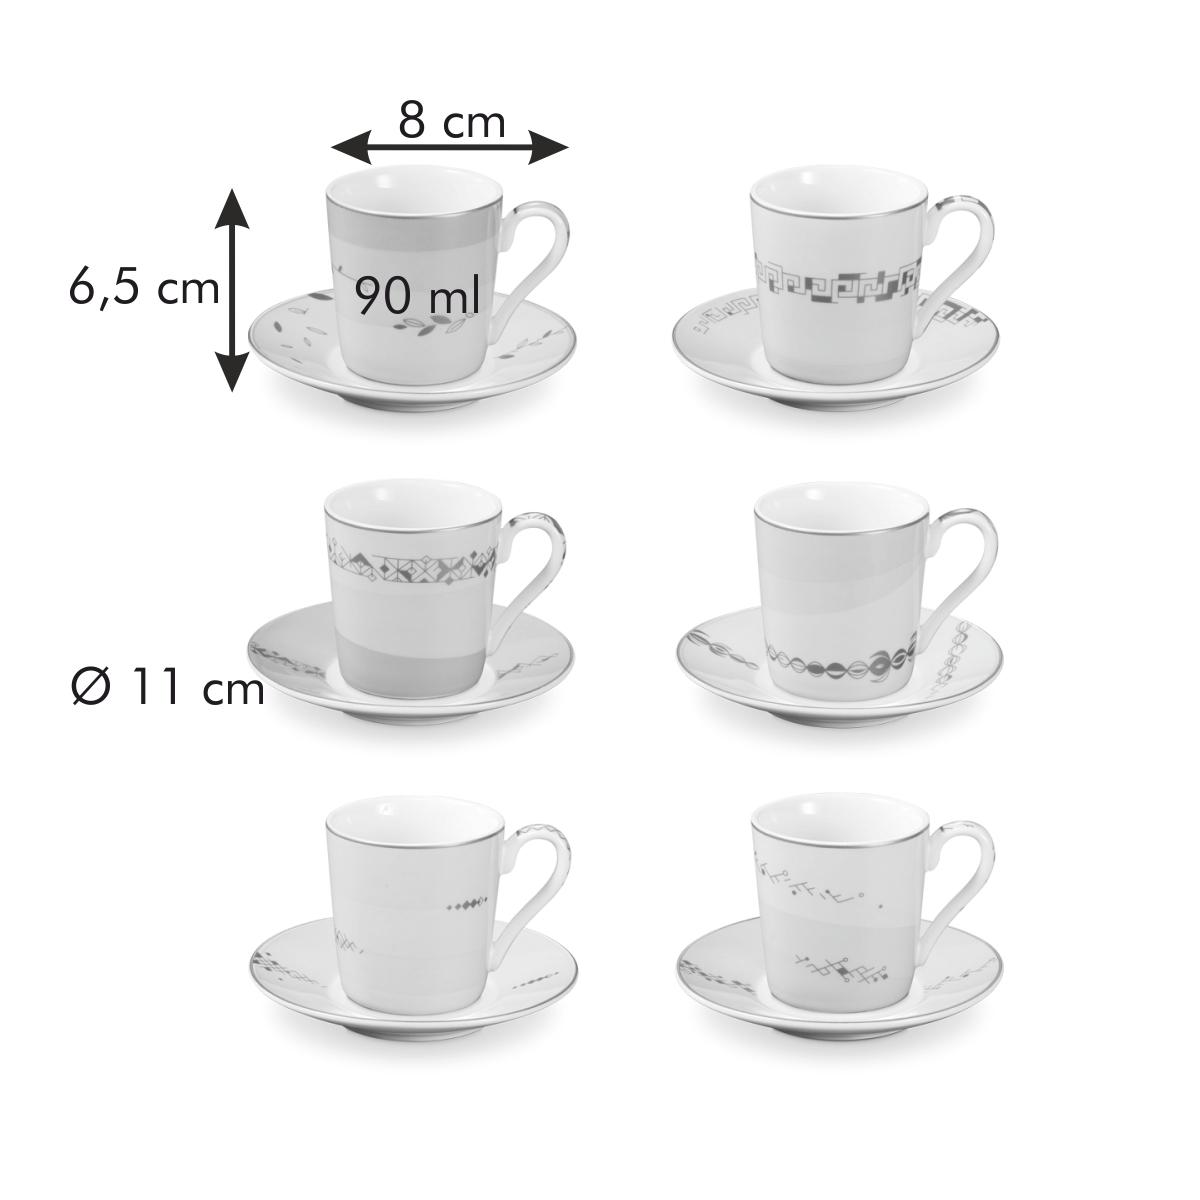 Šálek na espresso s podšálkem myCOFFEE, 6 ks, Romance